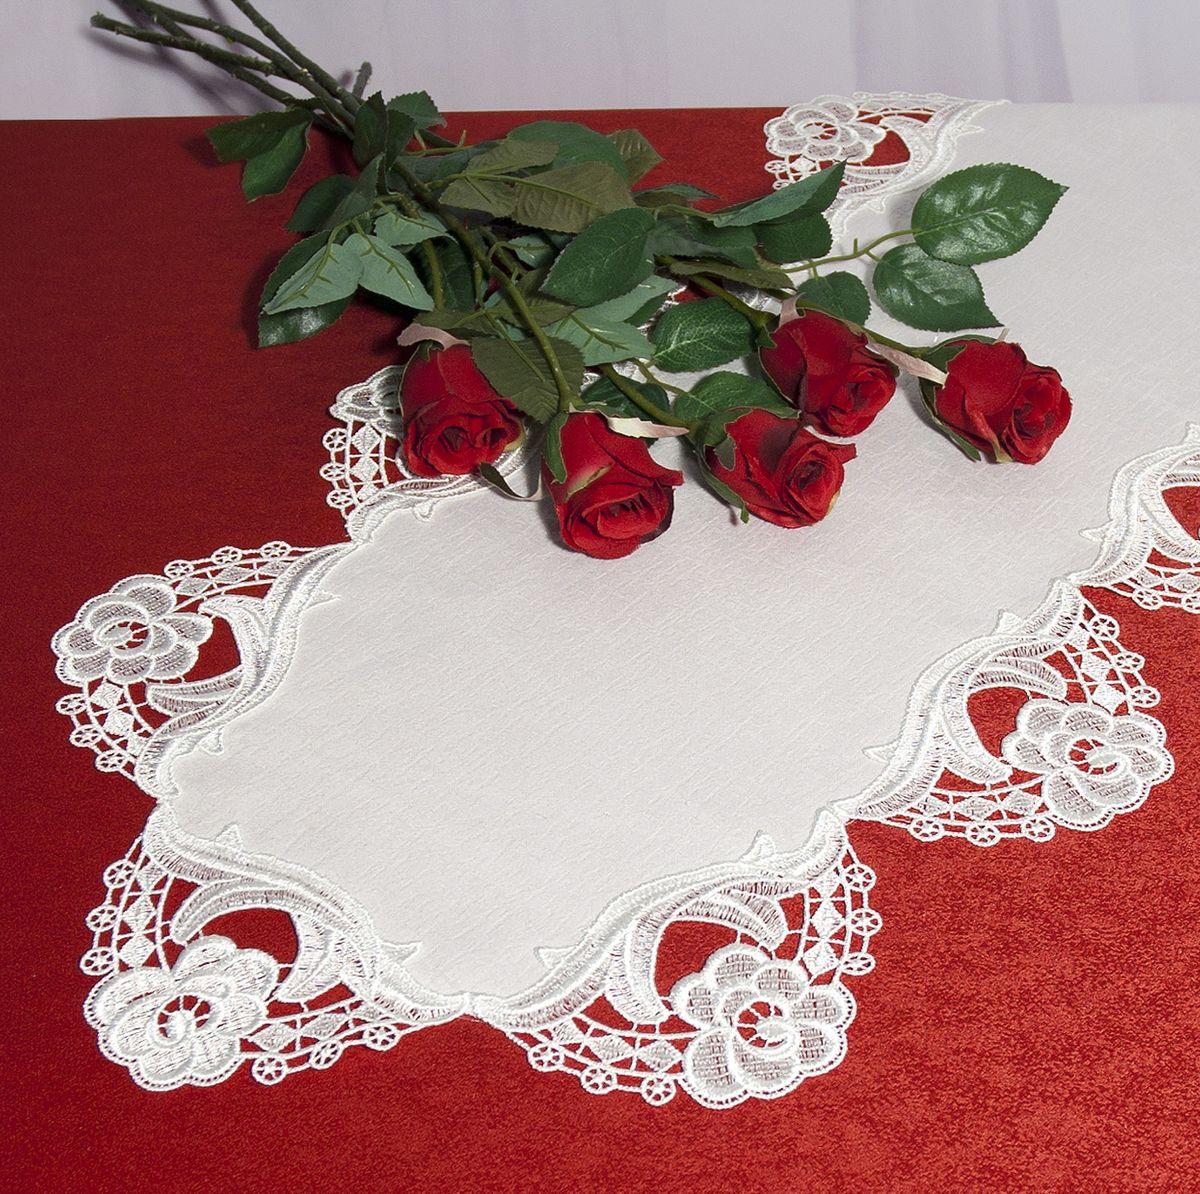 Дорожка для декорирования стола Schaefer, 40 x 90 см, цвет: белый. 3013VT-1520(SR)Дорожка для декорирования стола Schaefer может быть использована, как основной элемент, так и дополнение для создания уюта и романтического настроения.Дорожка выполнена из полиэстера. Изделие легко стирать: оно не мнется, не садится и быстро сохнет, более долговечно, чем изделие из натуральных волокон.Материал: 100% полиэстер.Размер: 40 x 90 см